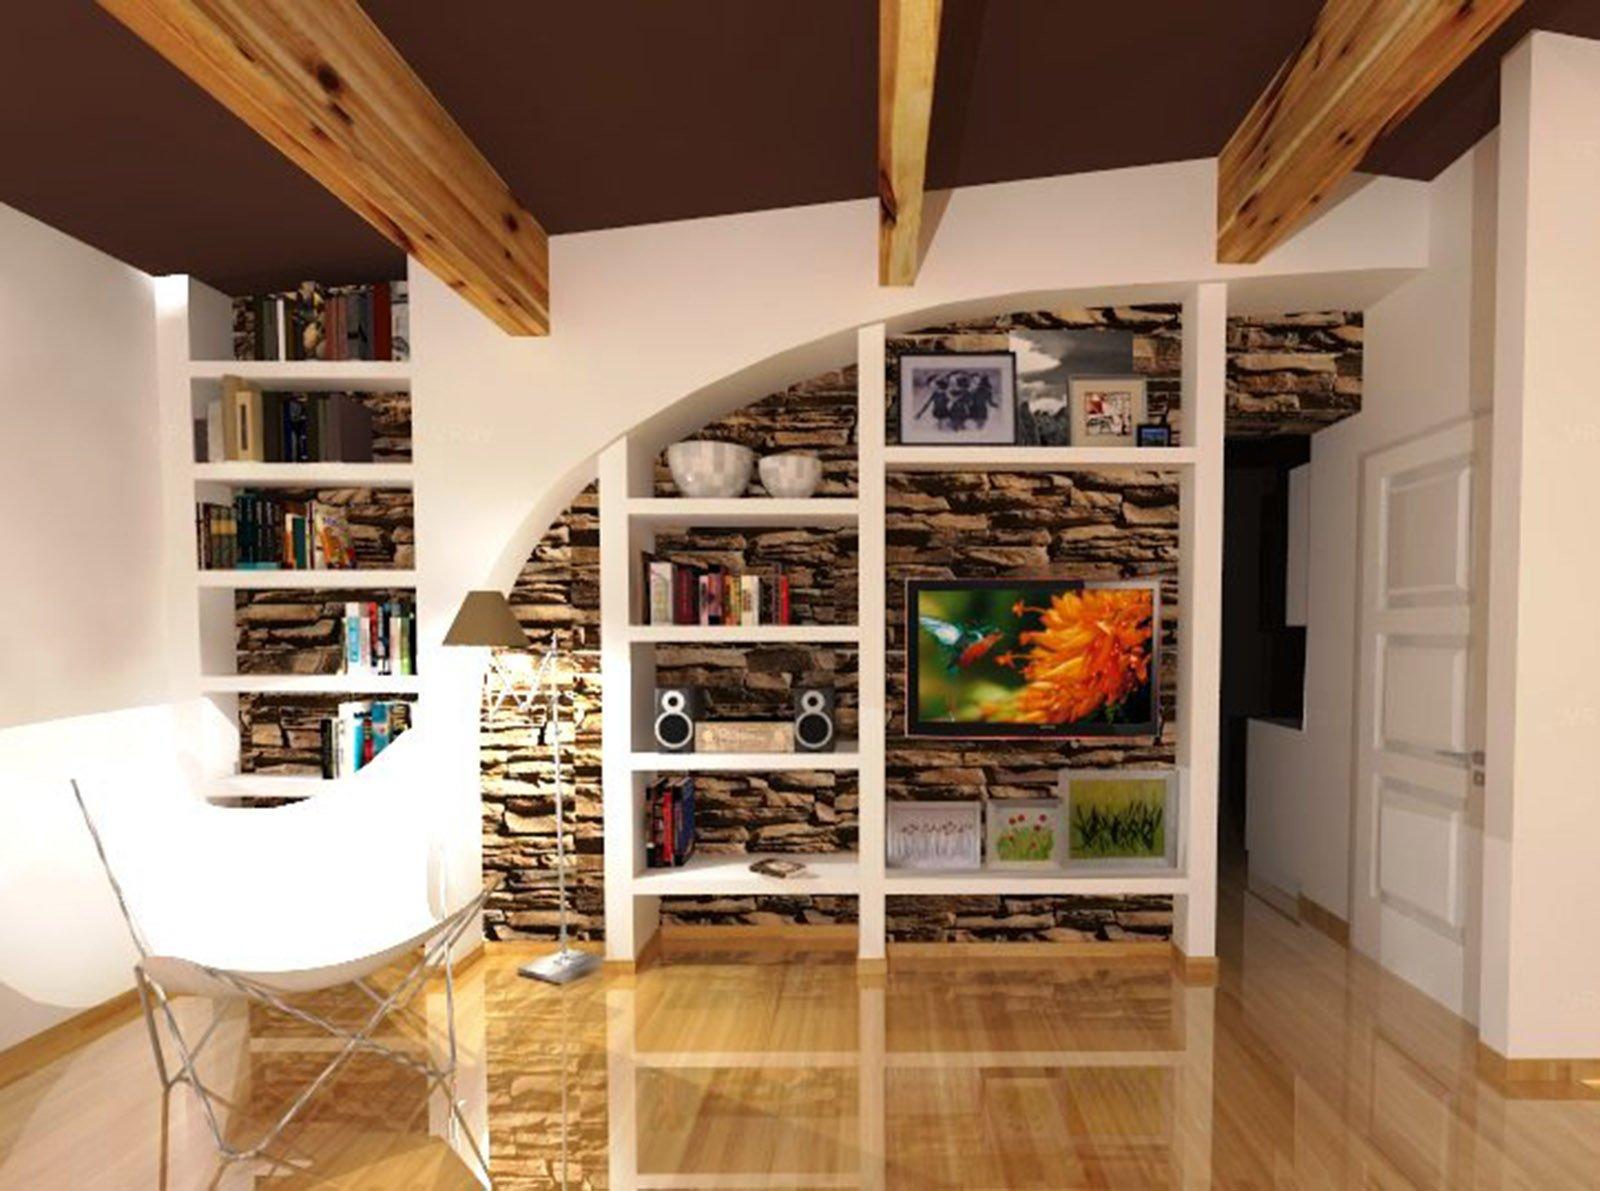 Come attrezzare una parete irregolare con libreria e tv ...